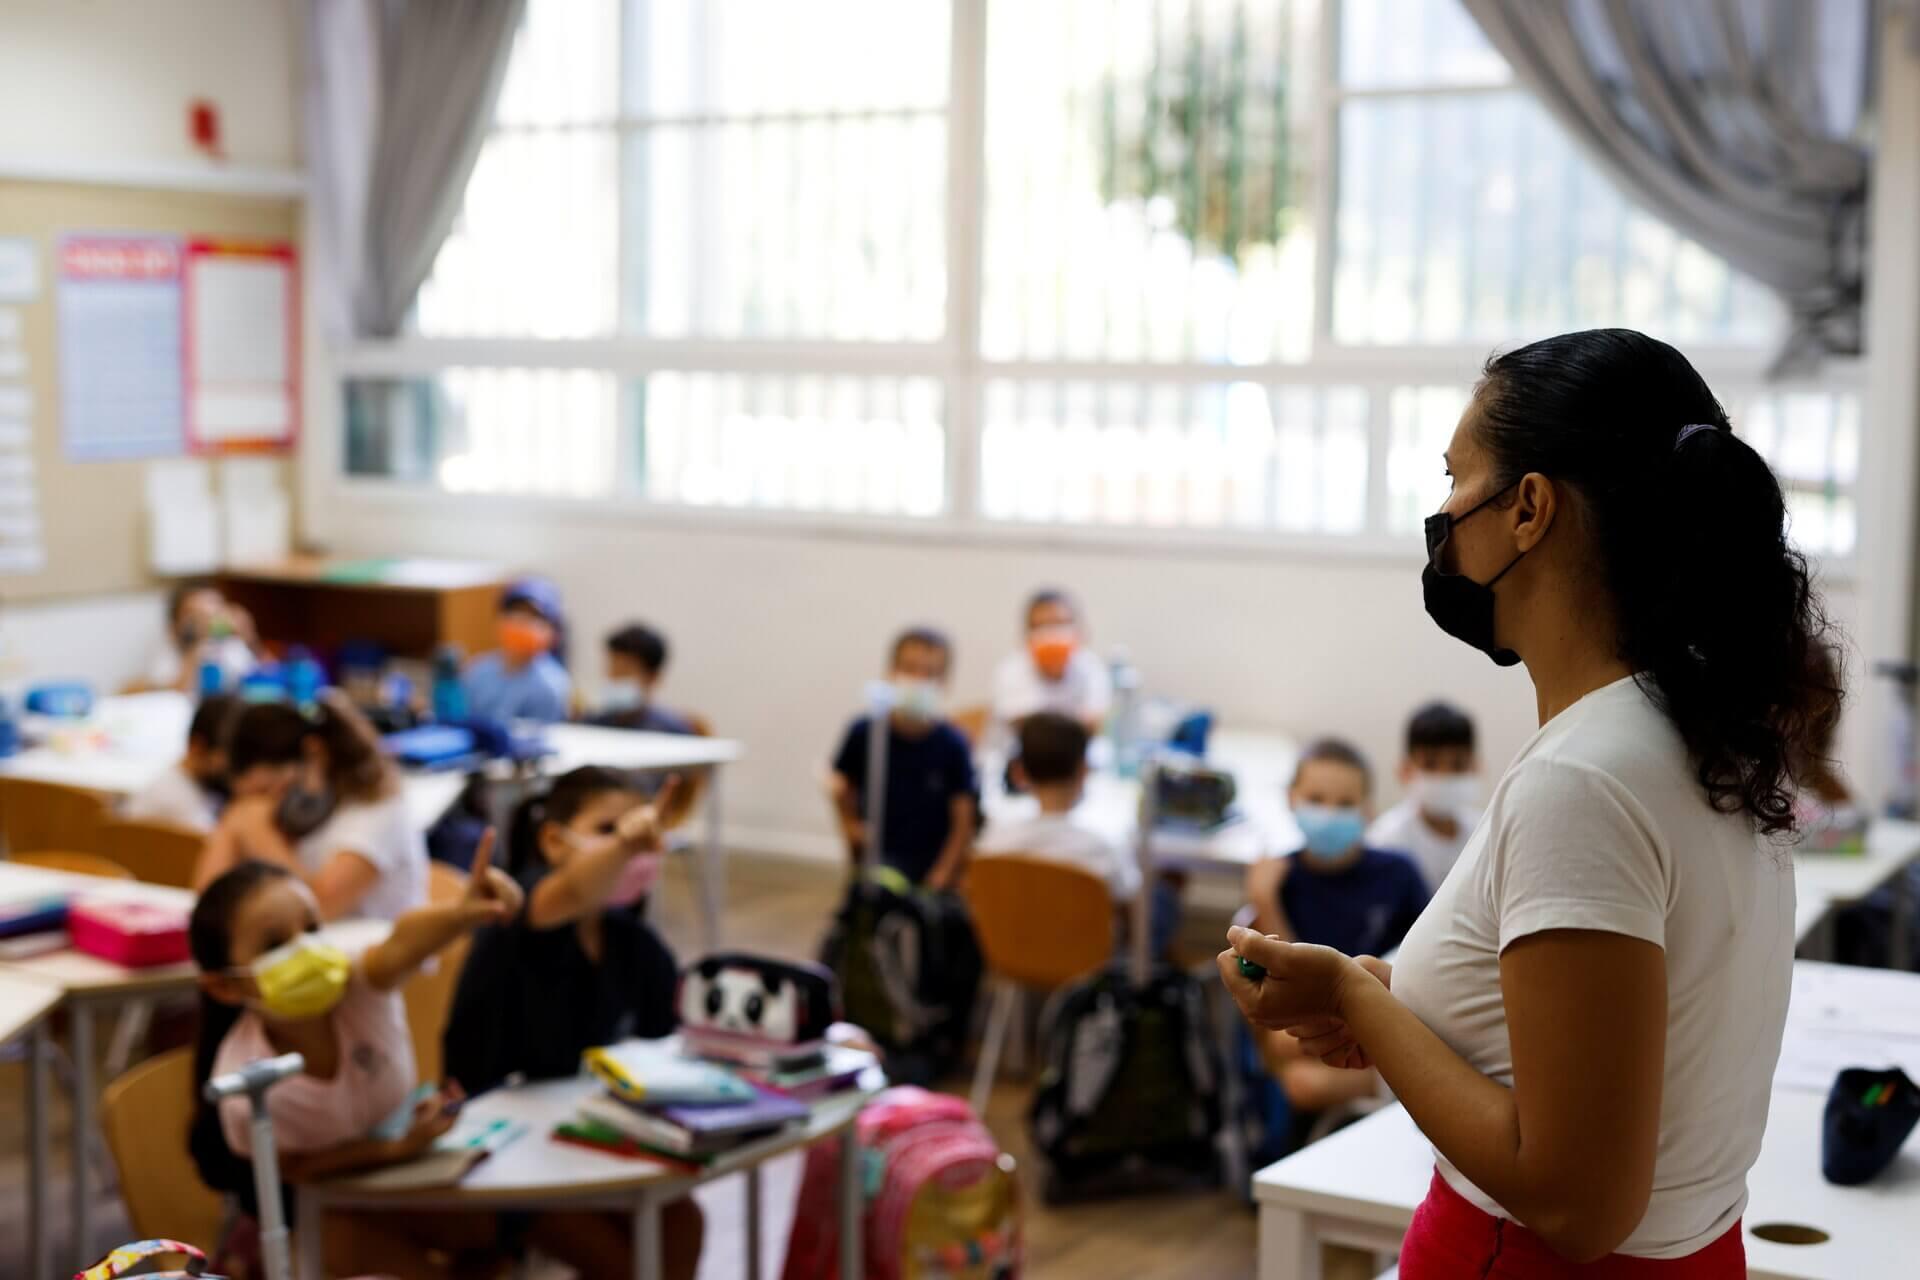 ה-1 בספטמבר 2021 בבית ספר יסודי בתל אביב. צילום אילוסטרציה: רויטרס